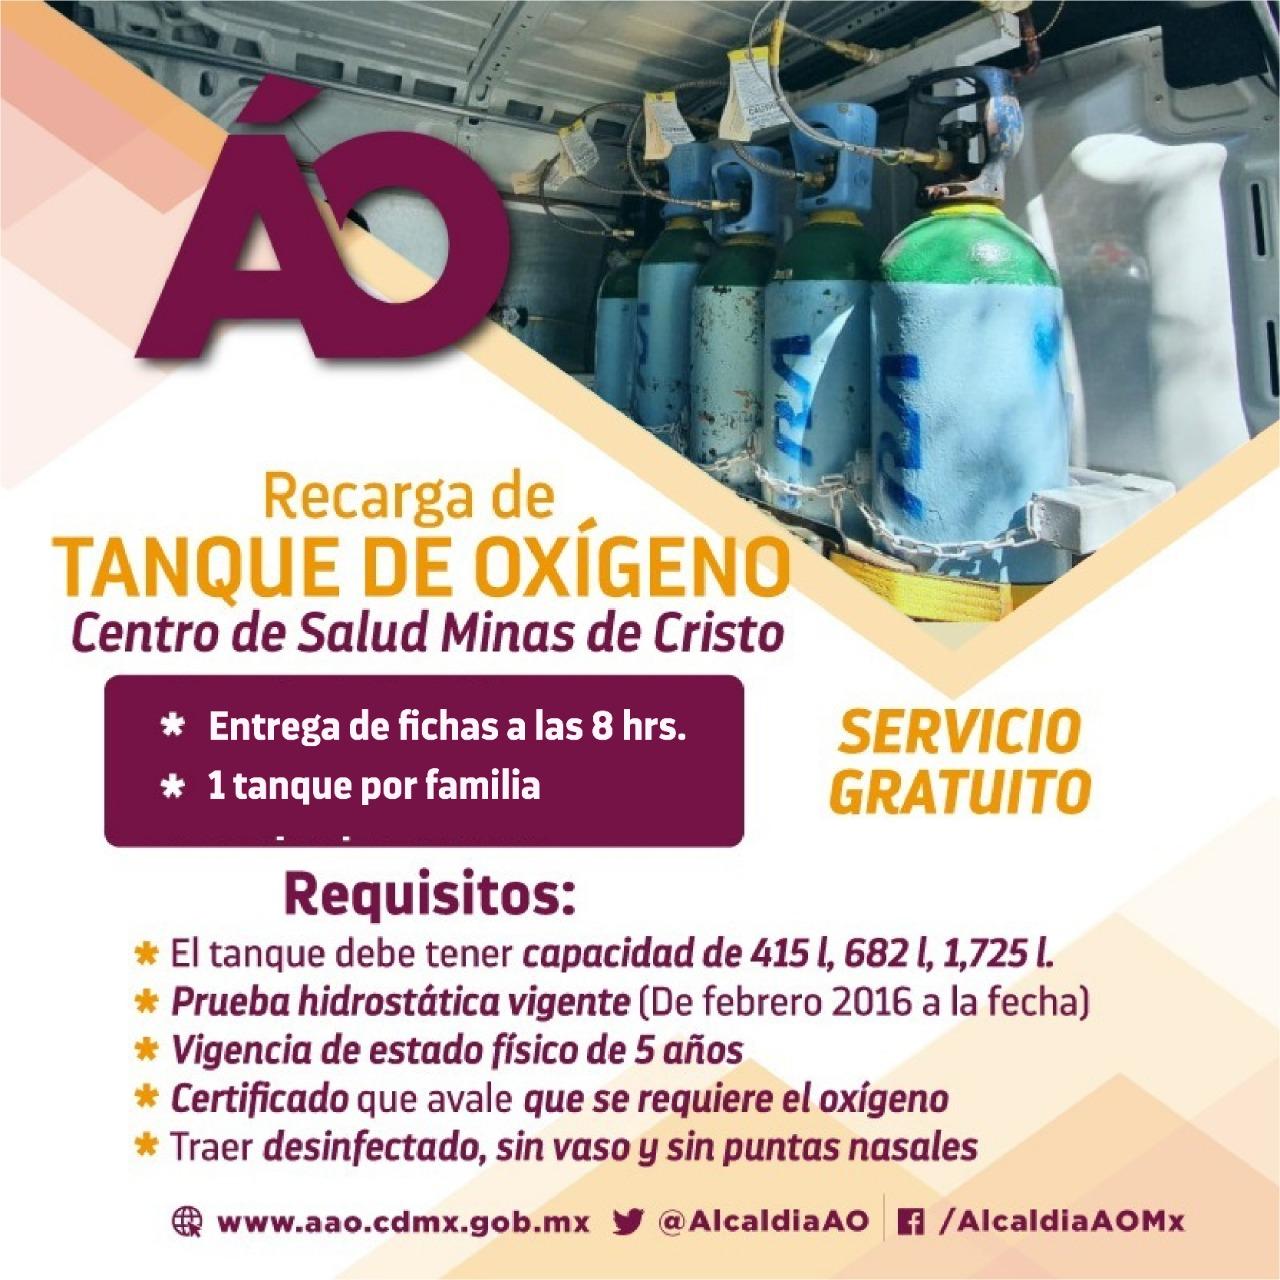 recarga-tanques-oxigeno-alvaro-obregon